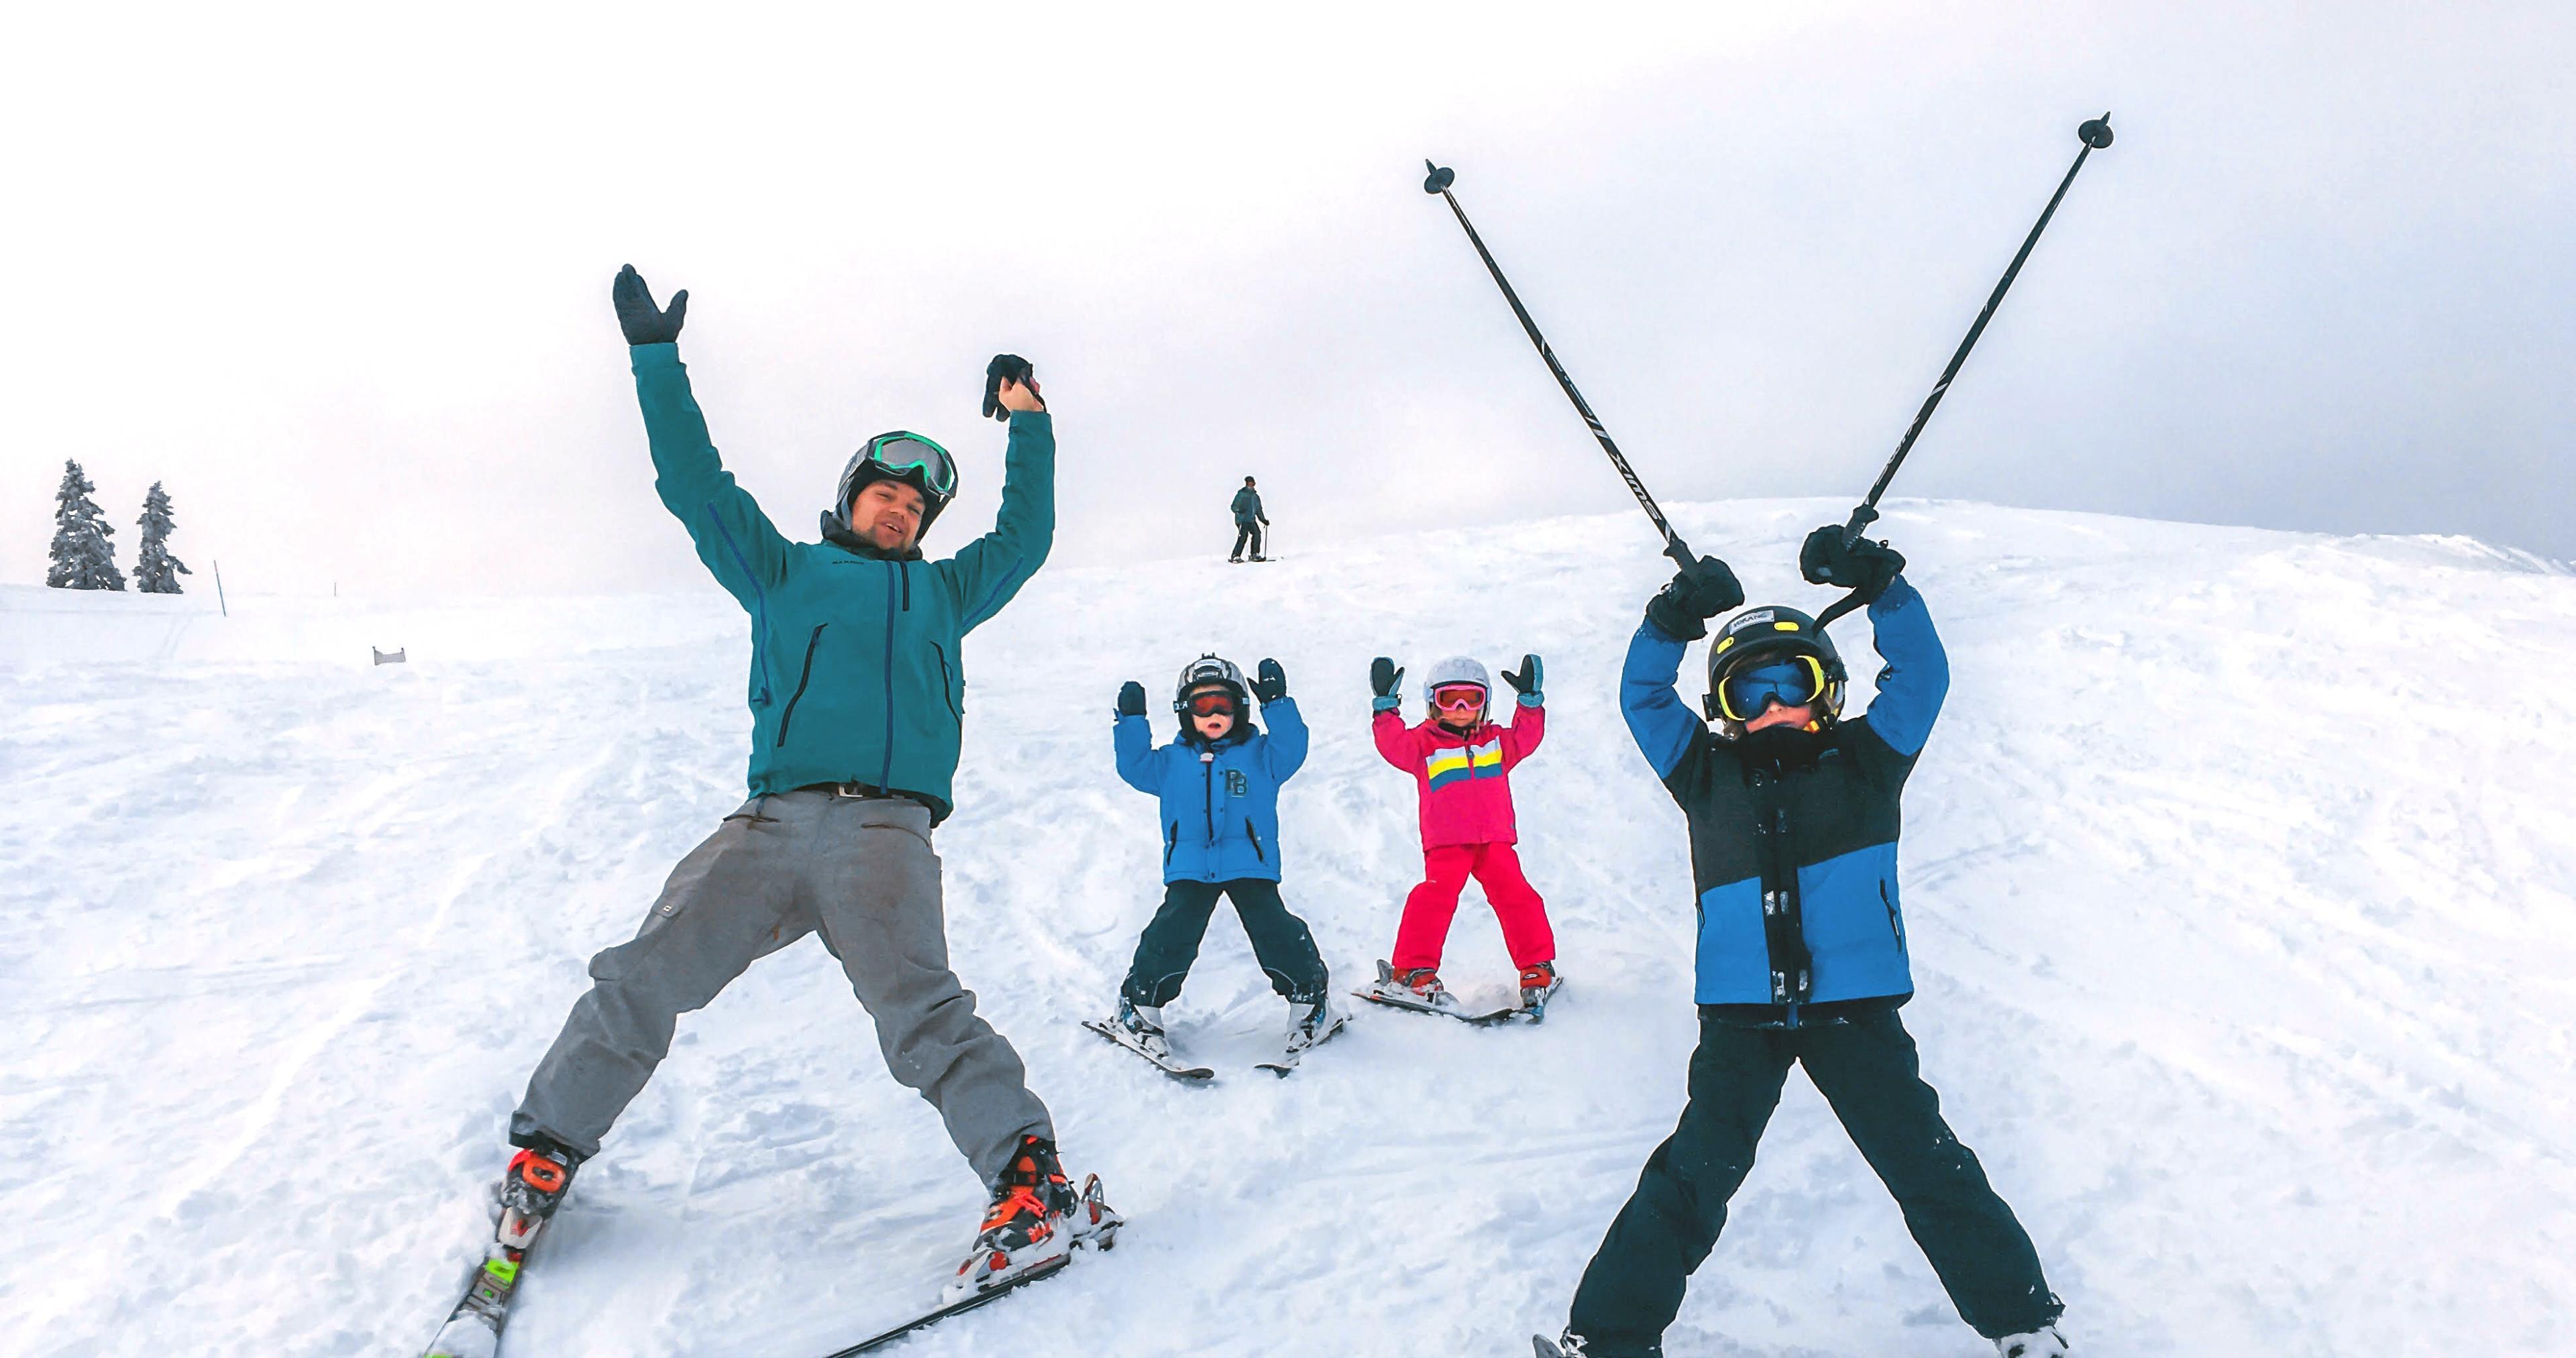 Lezioni private di sci per bambini a partire da 3 anni per tutti i livelli